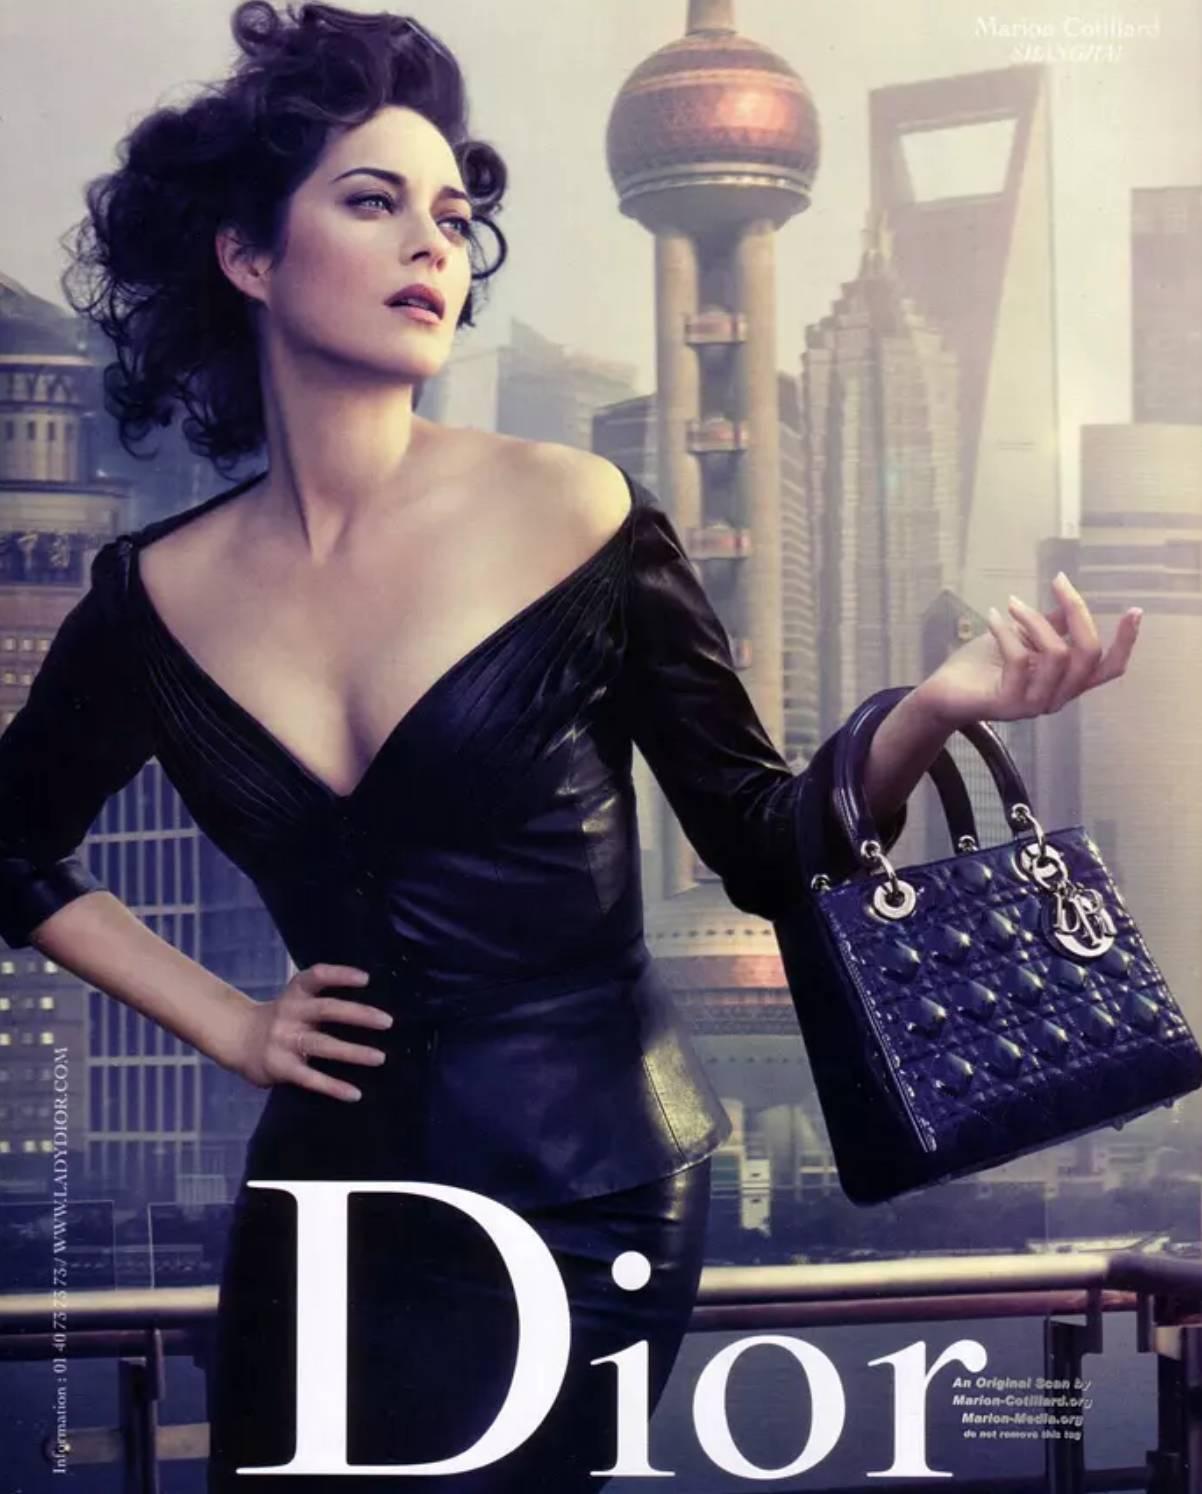 赵丽颖凭什么代言Dior?LV为什么青睐许魏洲?奢侈品牌都在想些什么?